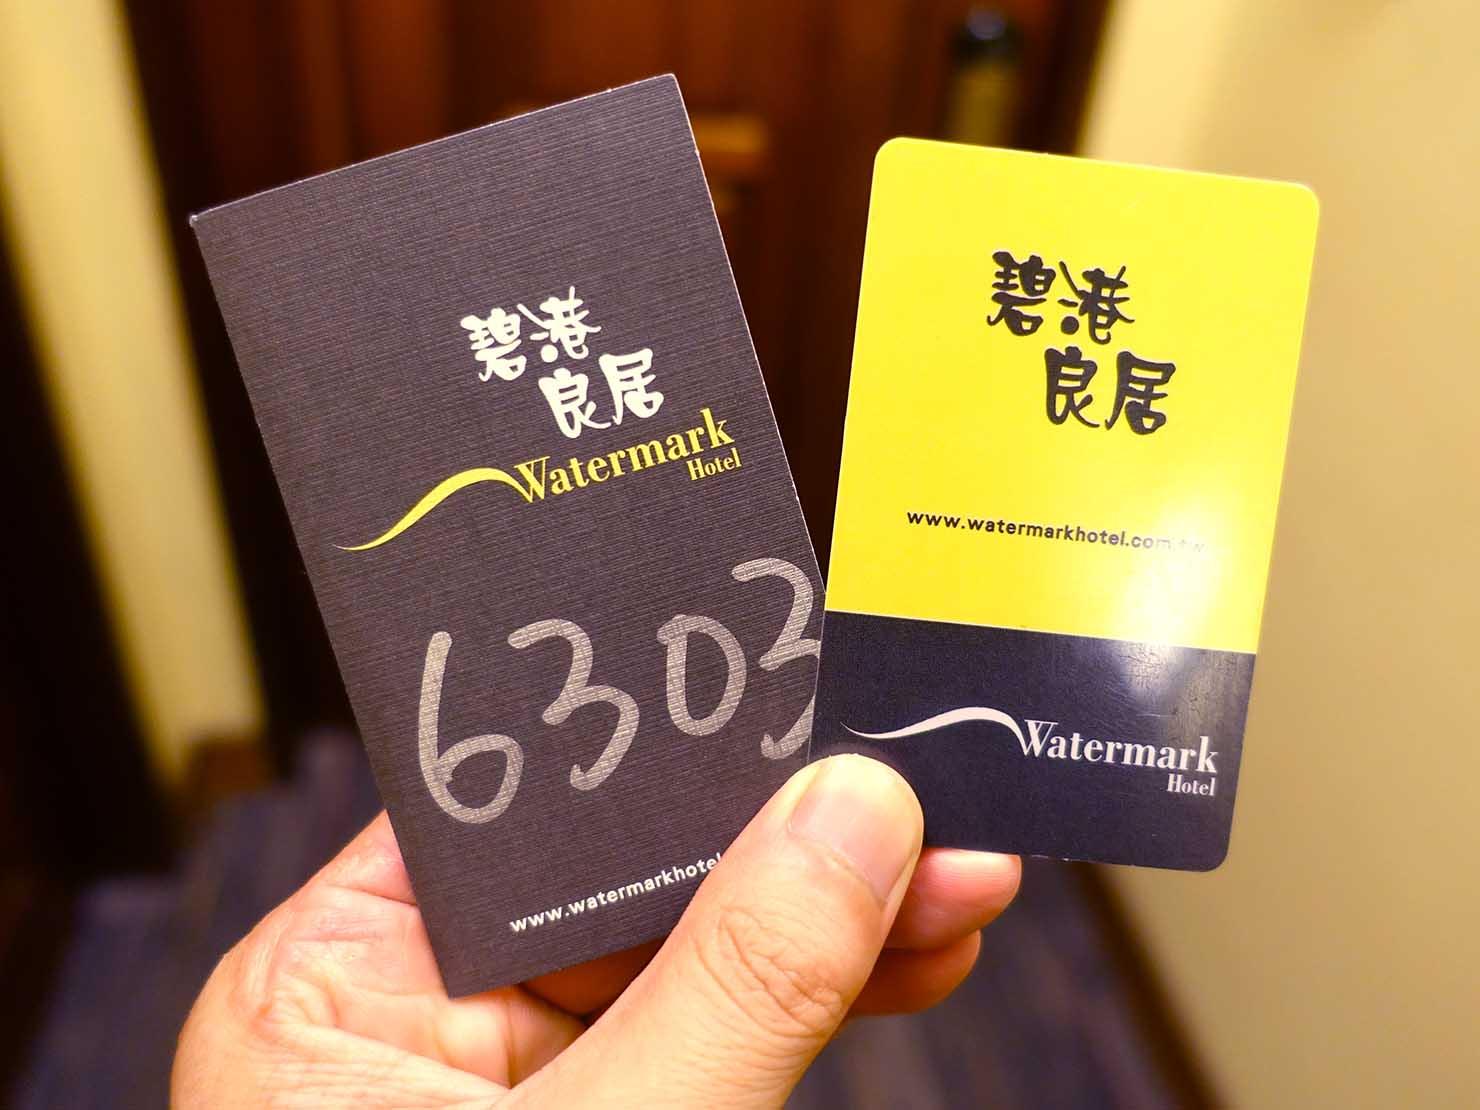 高雄・西子灣の港に立つ海辺のホテル「碧港良居 Watermark Hotel」のカードキー